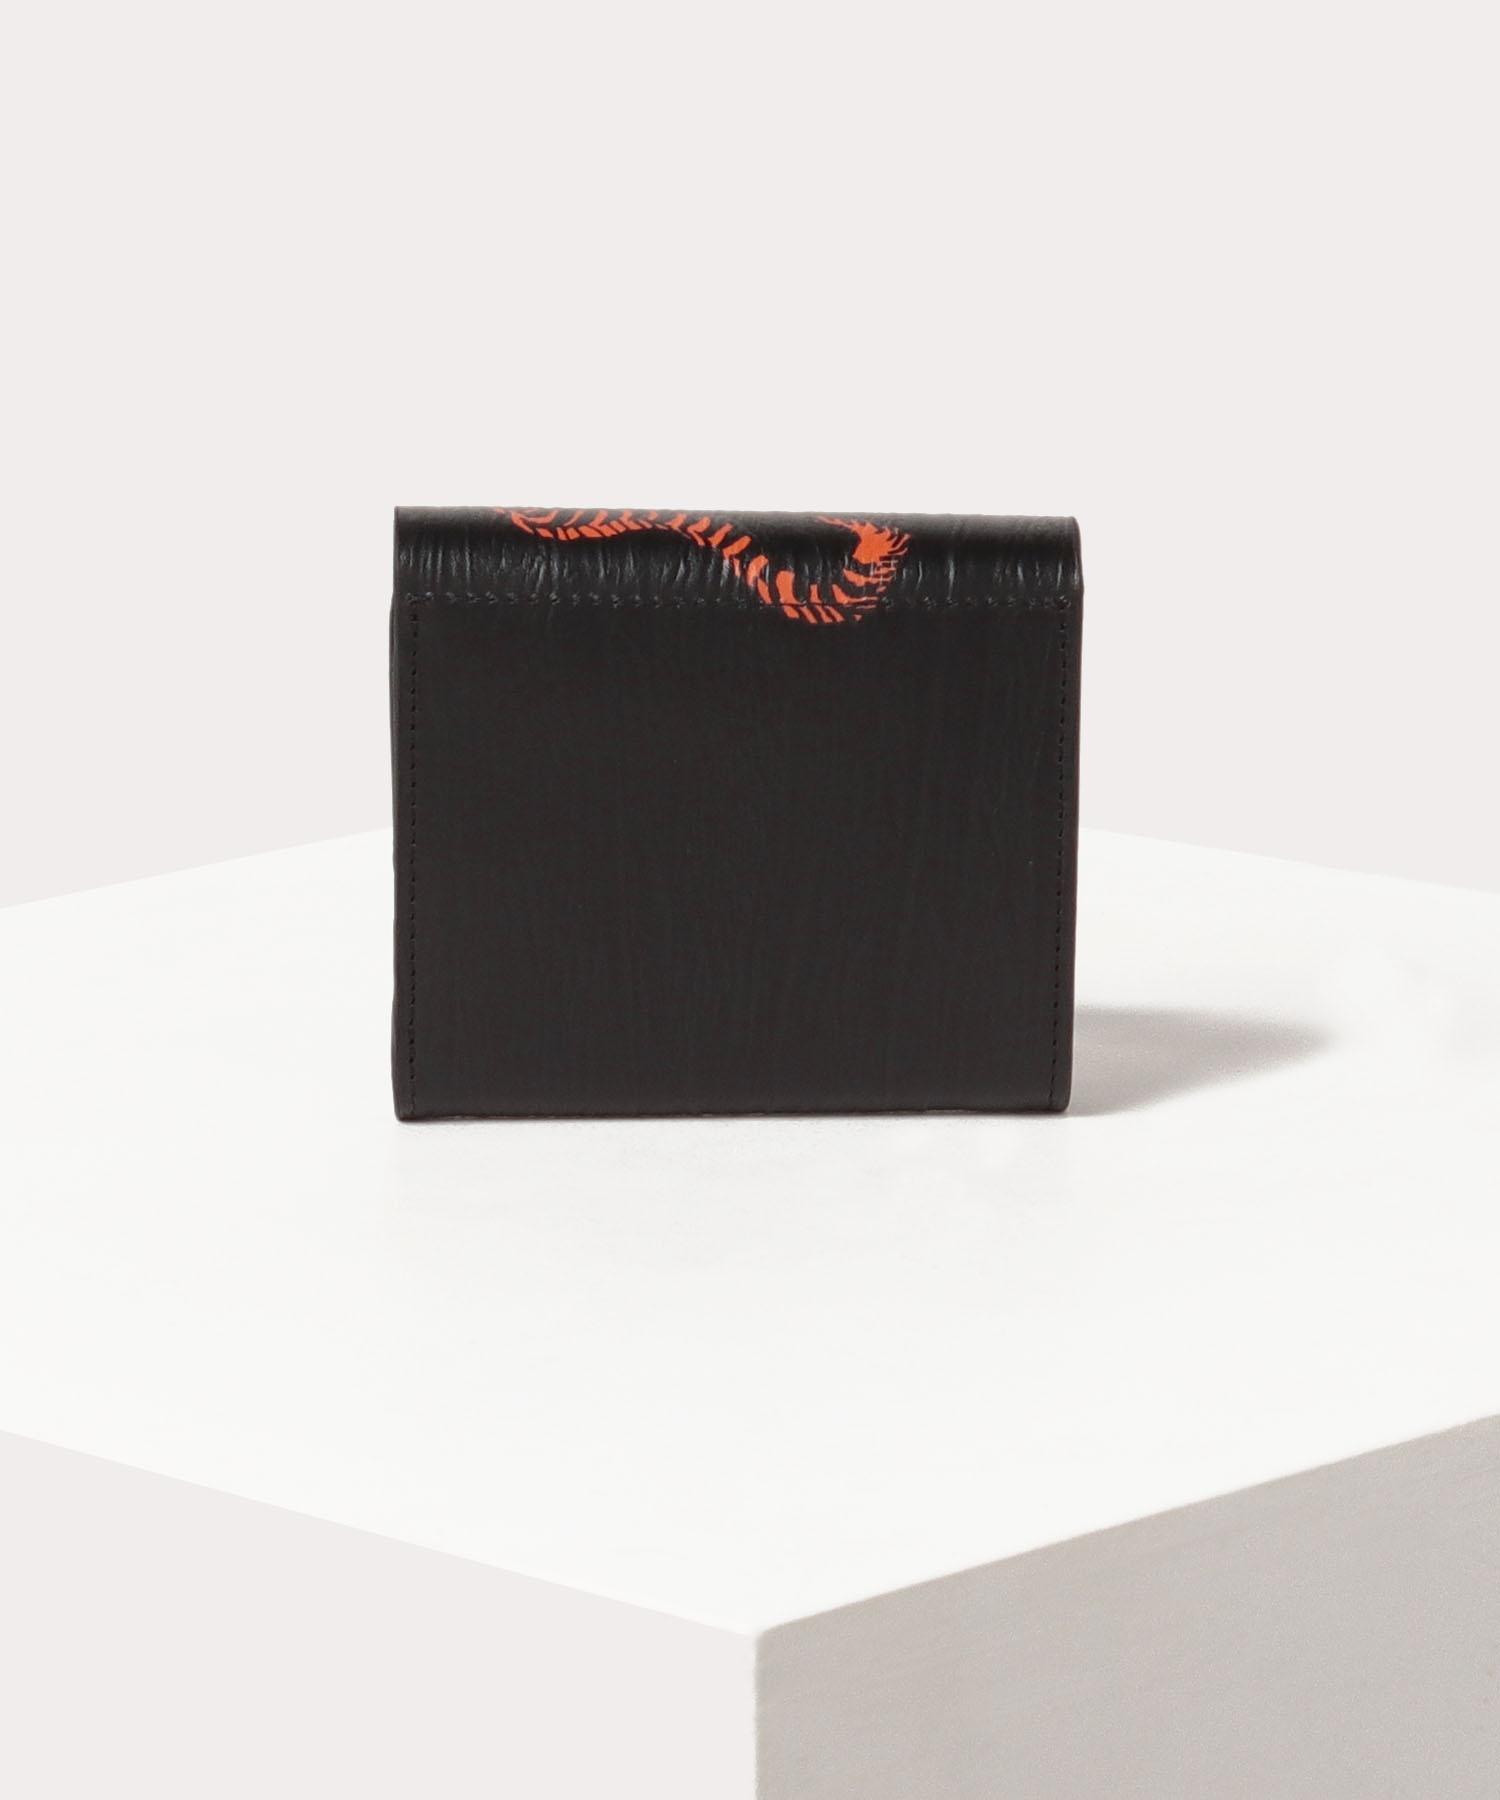 ファイティングタイガー 二つ折り財布